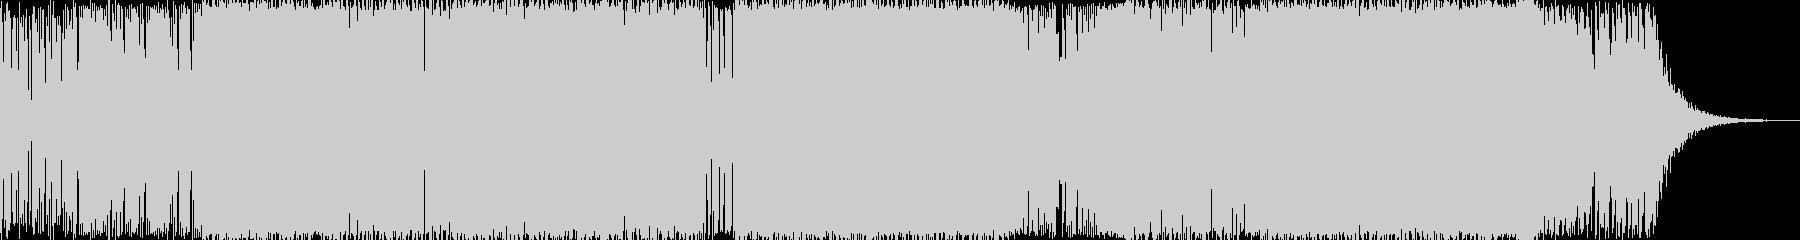 ブリブリしたベースが印象的なテクノ曲の未再生の波形